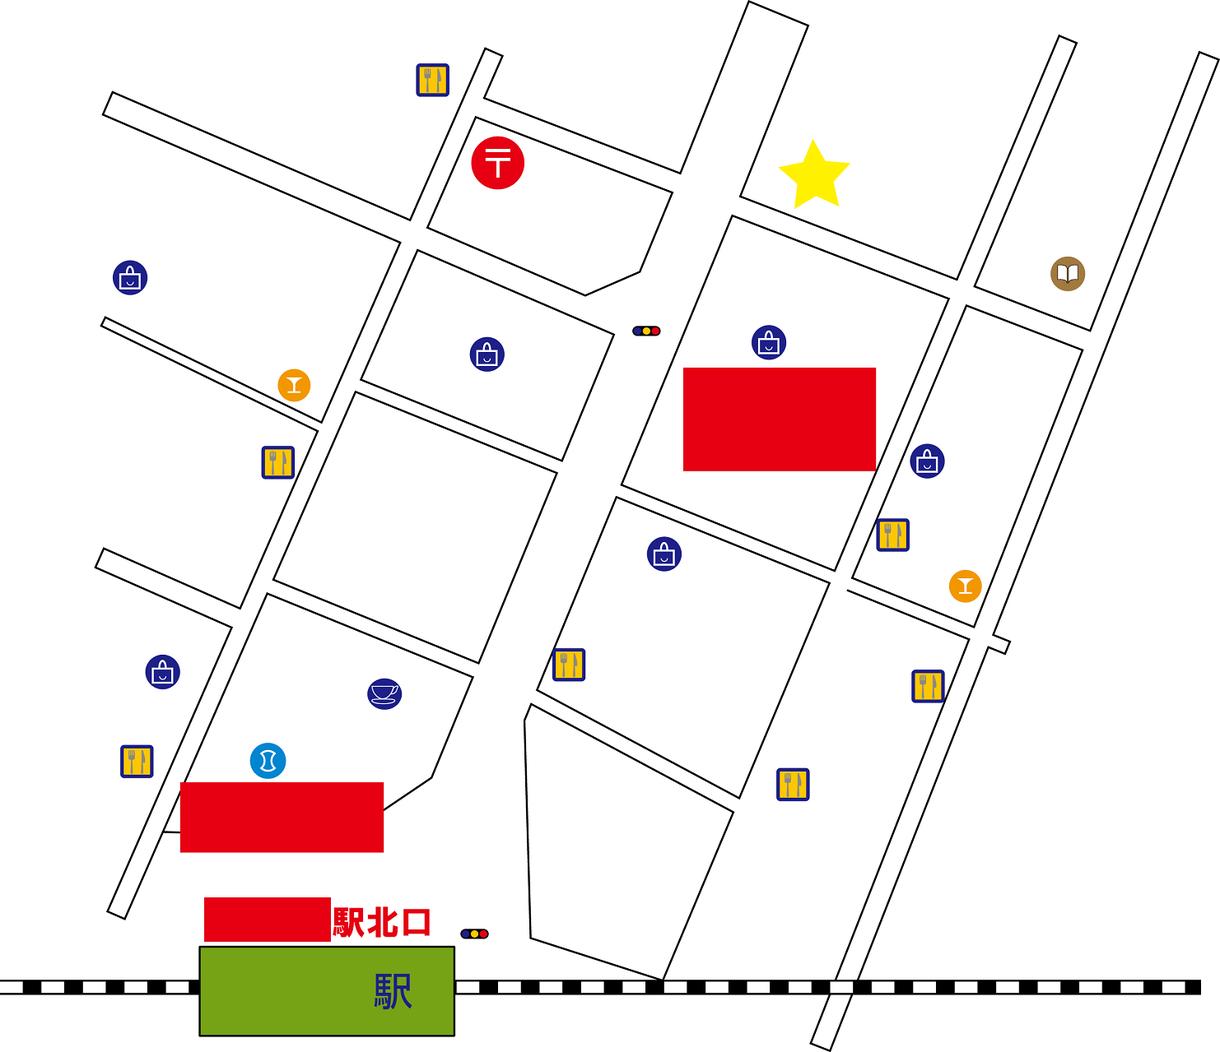 シンプルで見やすい地図お作りします クリエーター事務所で真心こめてじっくり地図作成いたします!